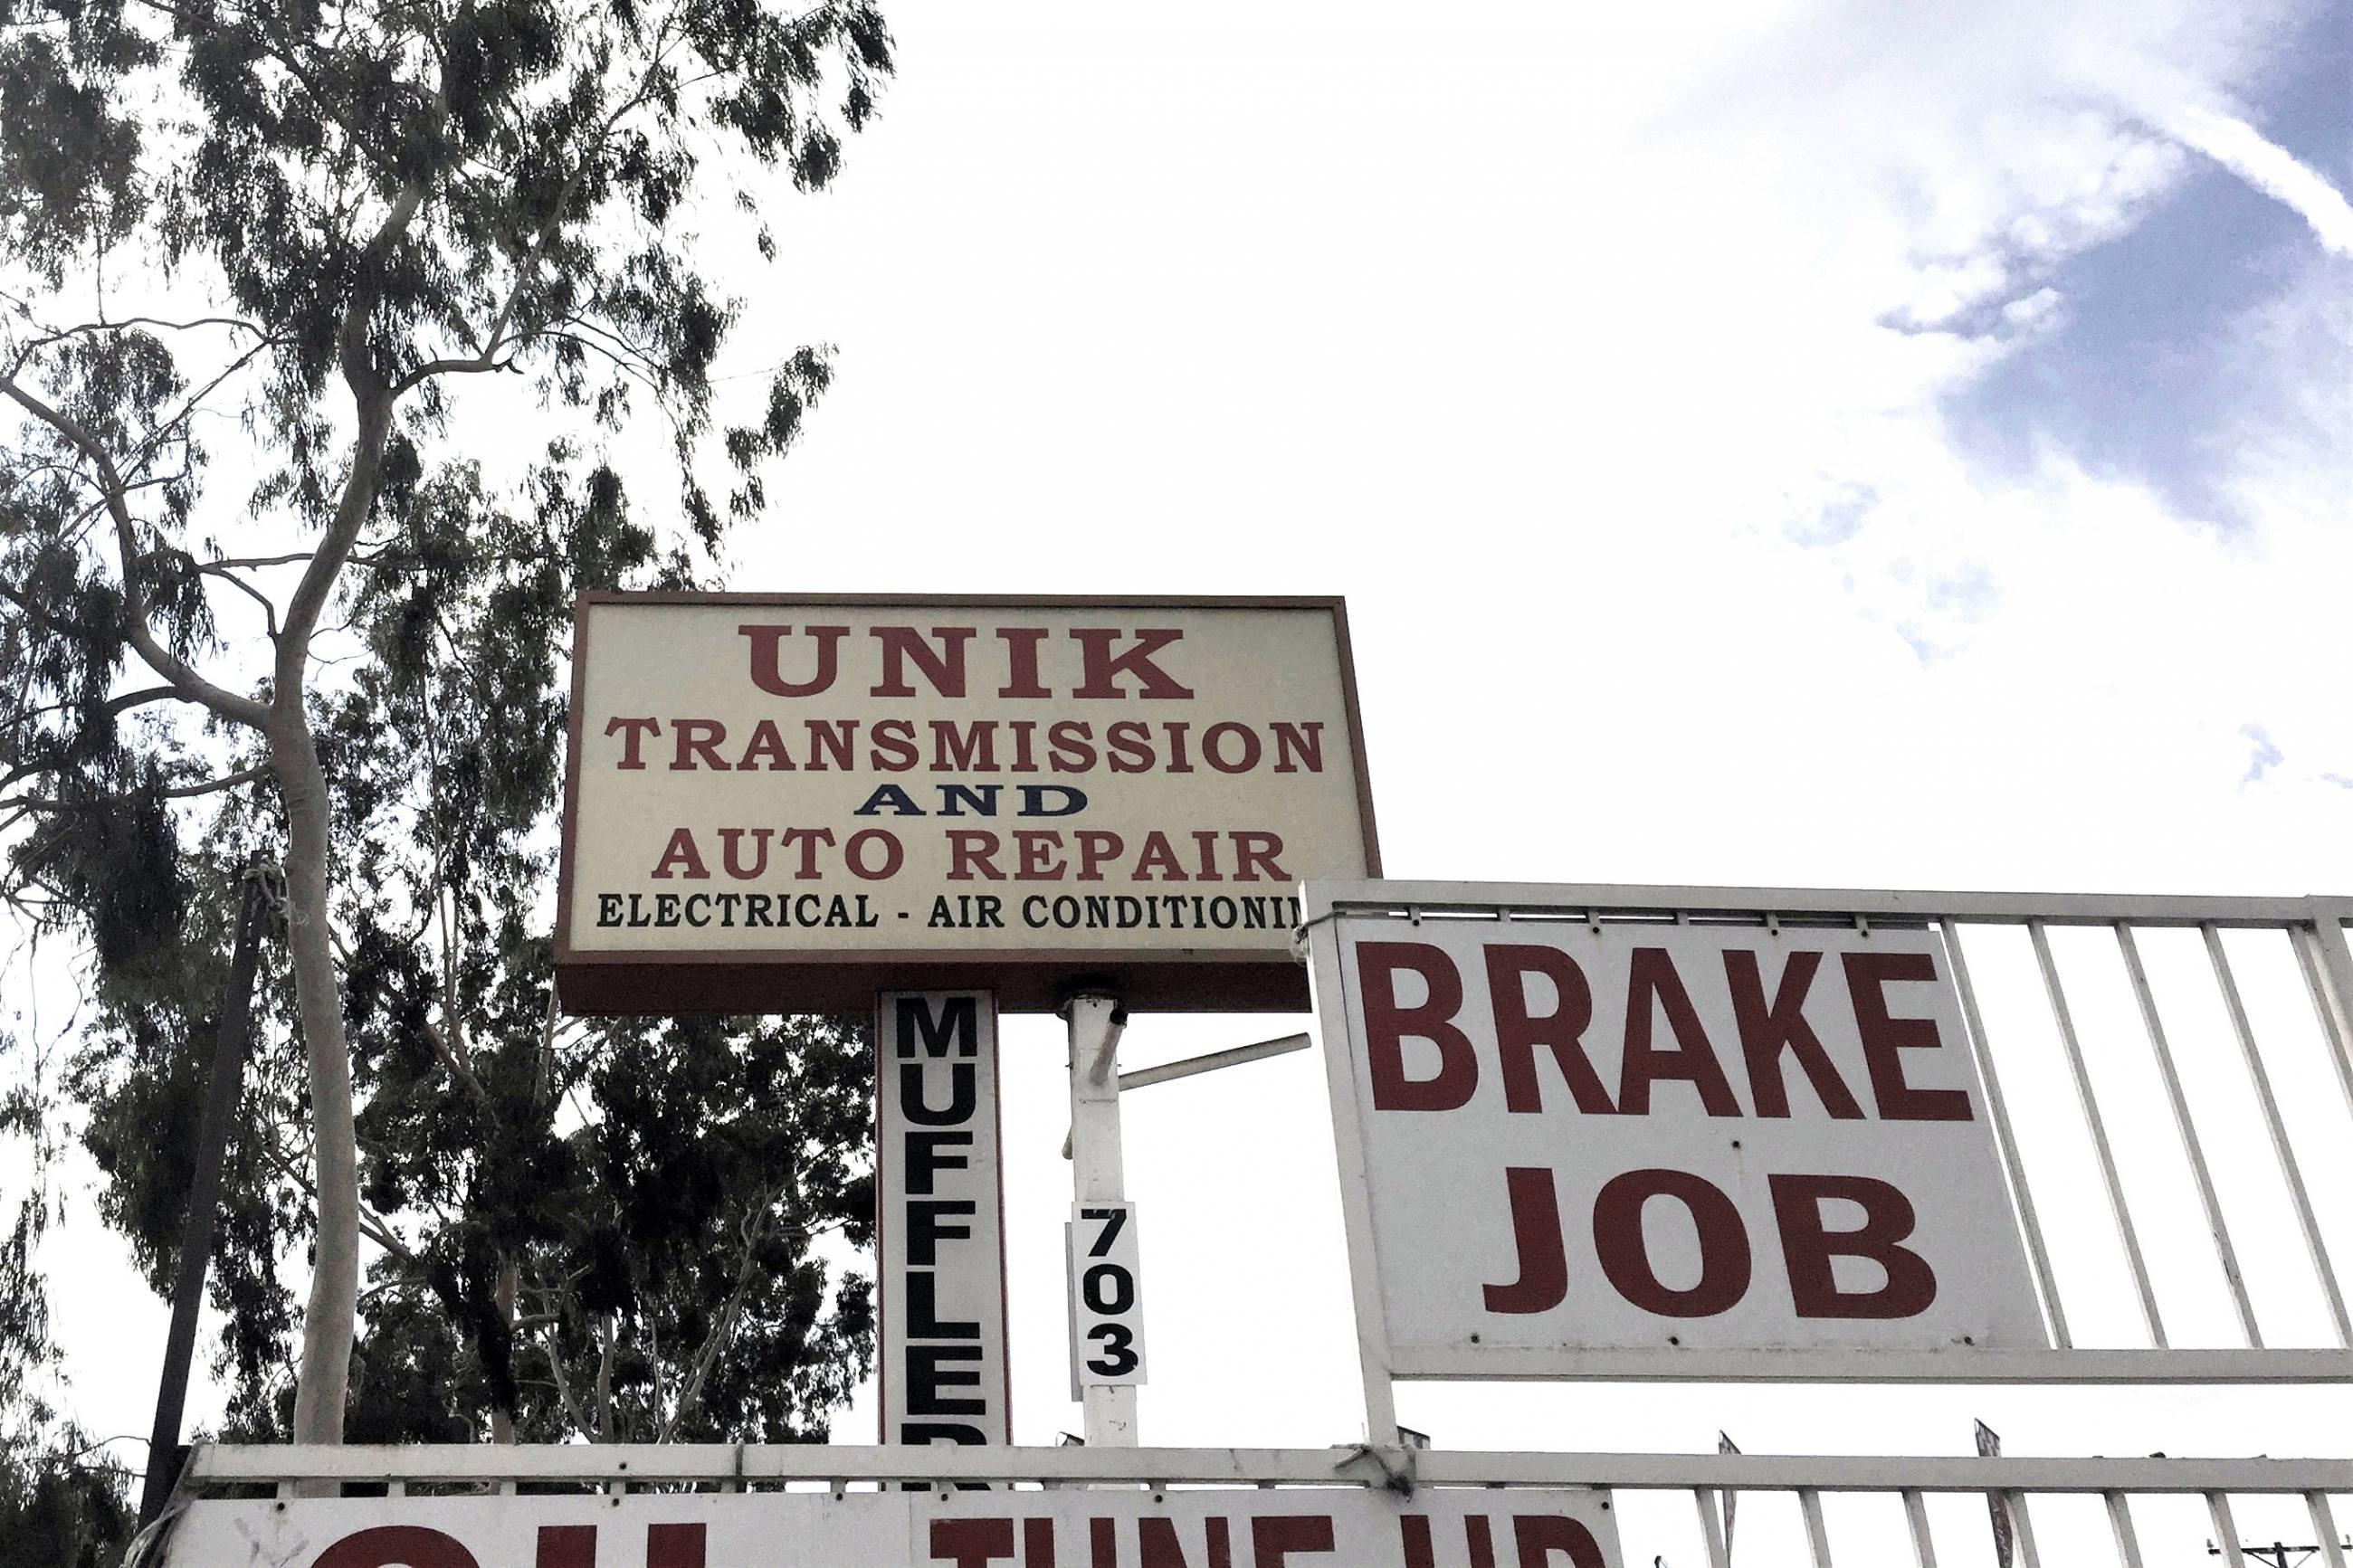 Unik Transmission in Glendale